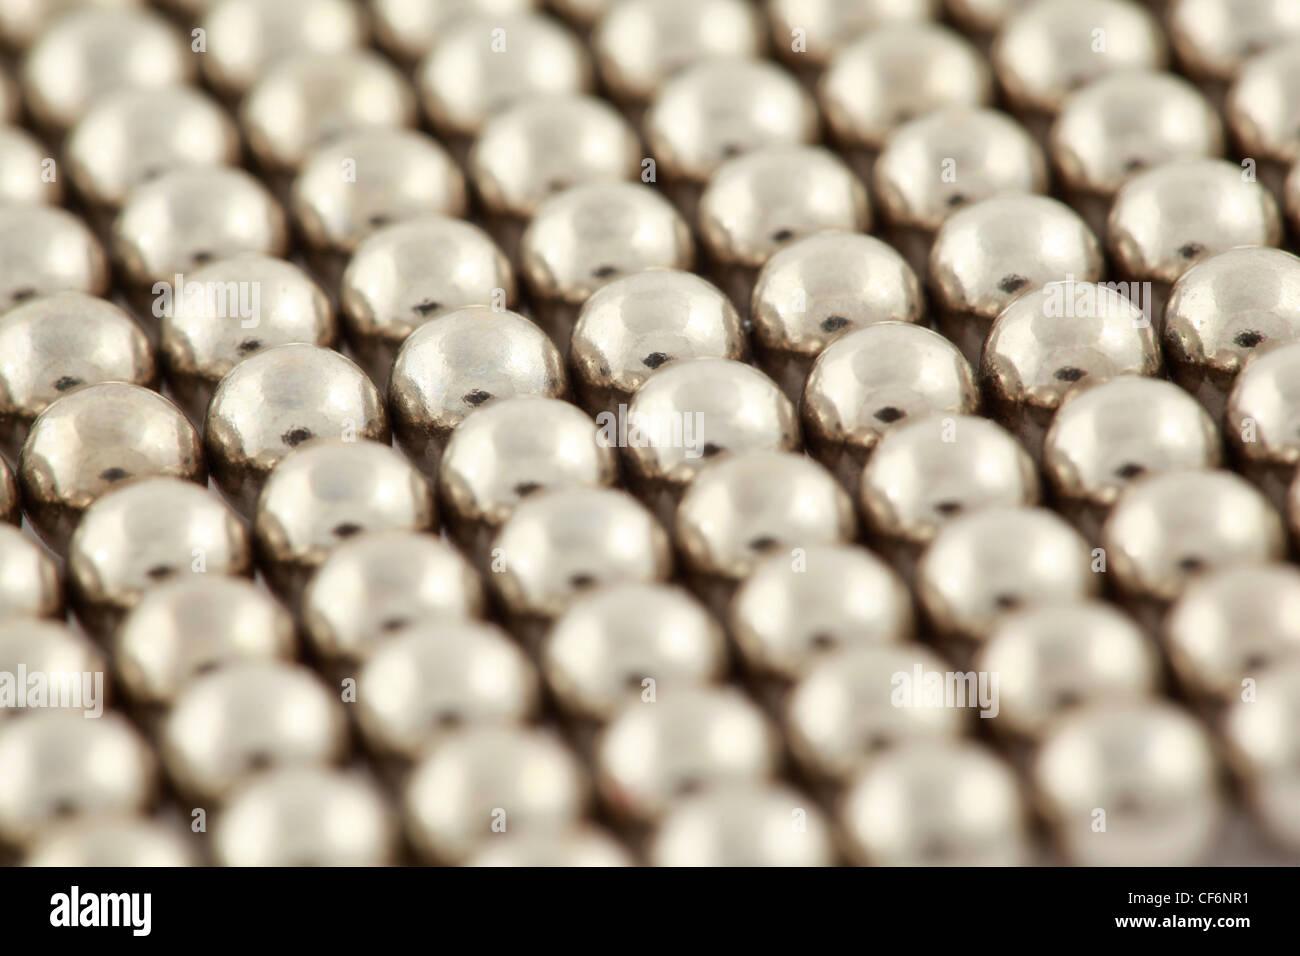 Perline argentate sono intrecciati insieme Foto Stock